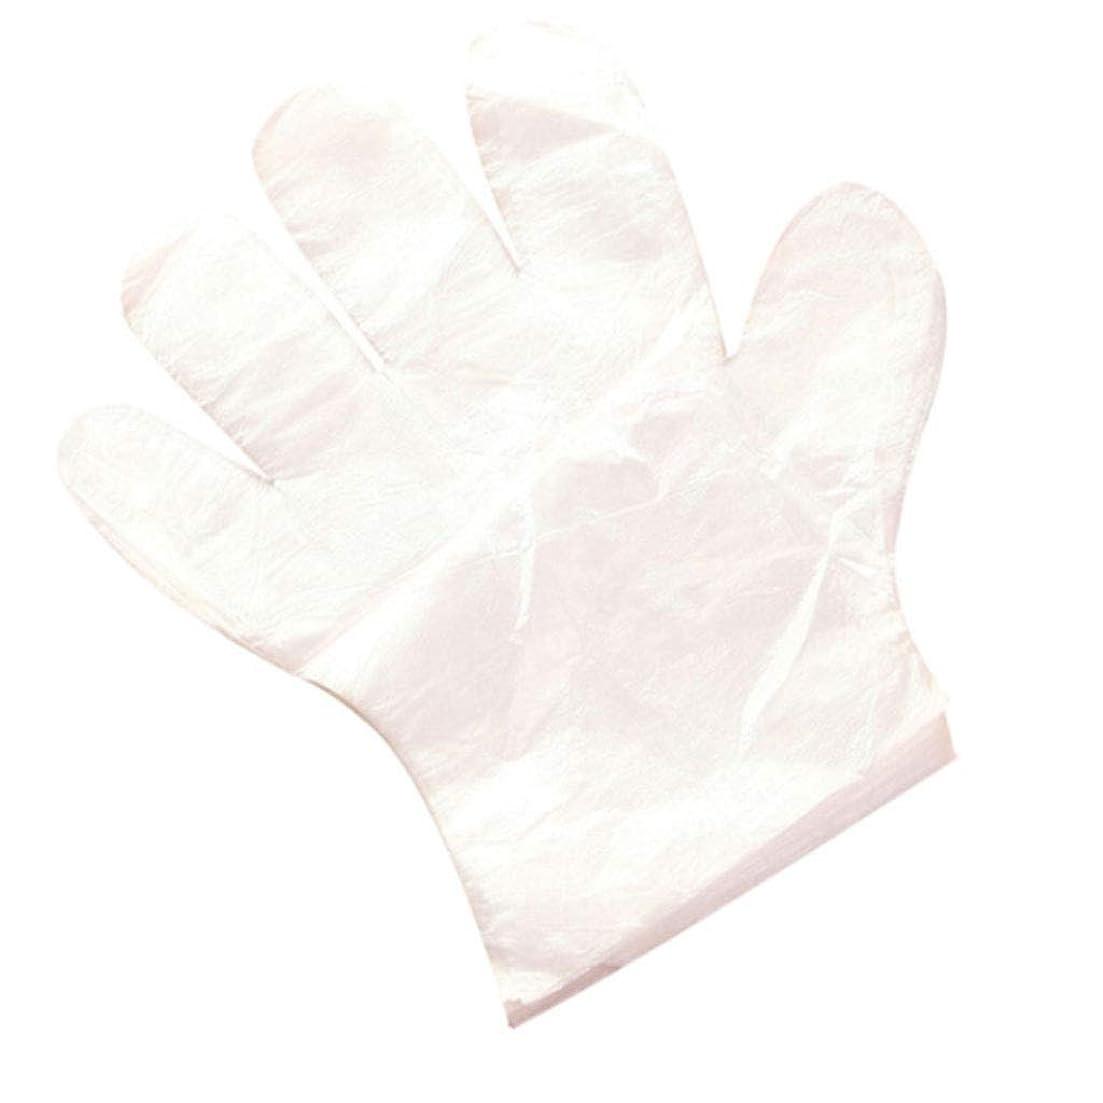 接地昨日圧倒する家庭用家庭の清掃および衛生用使い捨て手袋を食べる使い捨て手袋 (UnitCount : 500only)